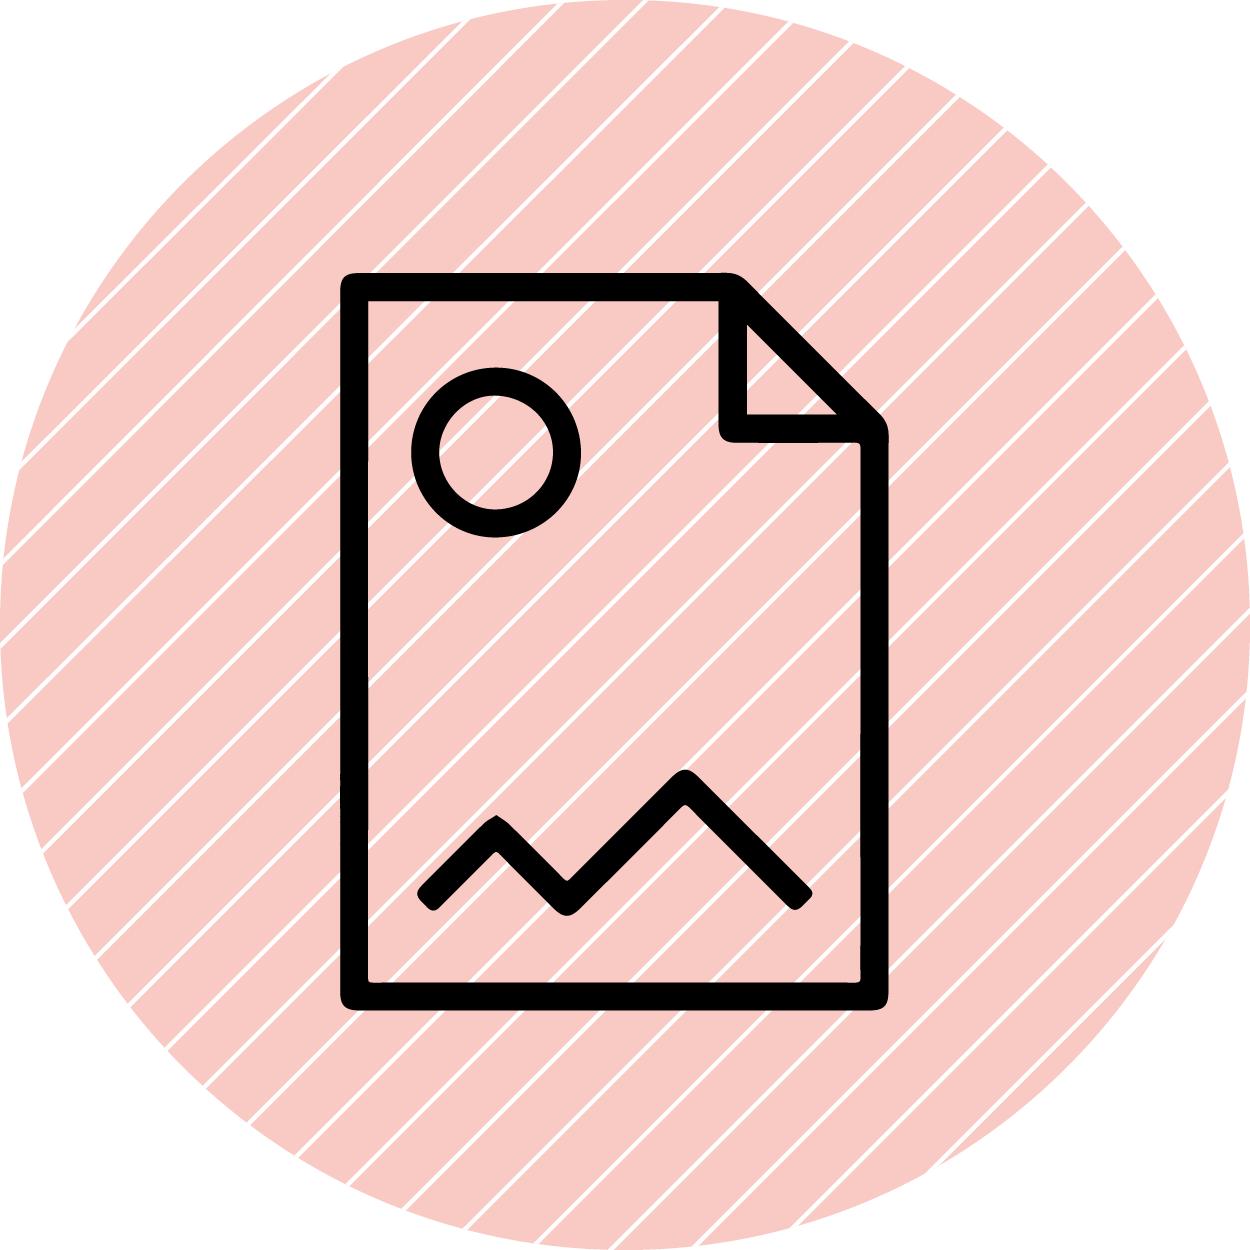 print_tekengebied-1_tekengebied-1